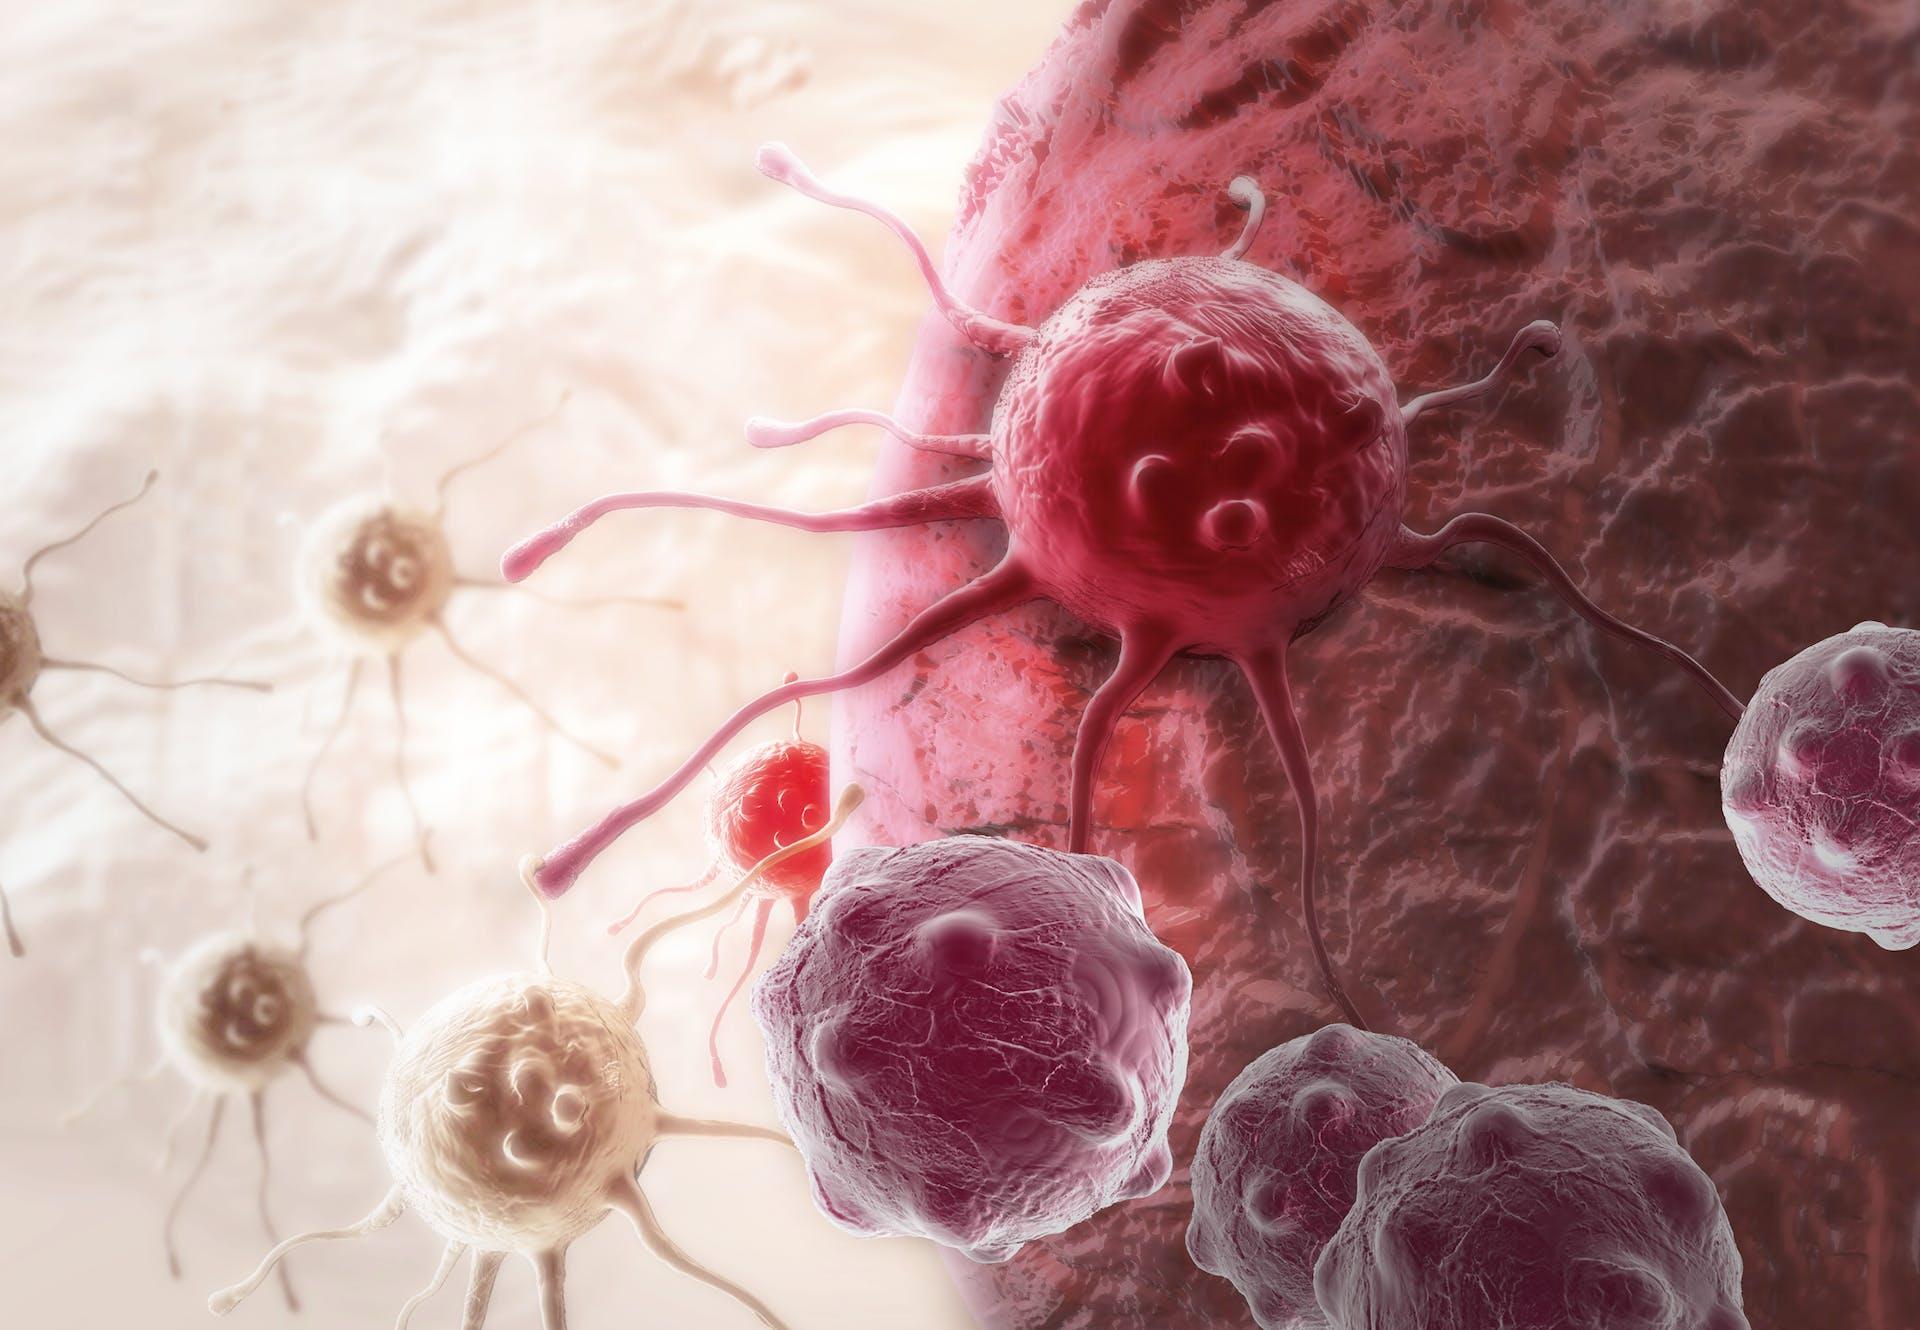 Kræft opstår ved at celler deler sig unaturligt og muterer.